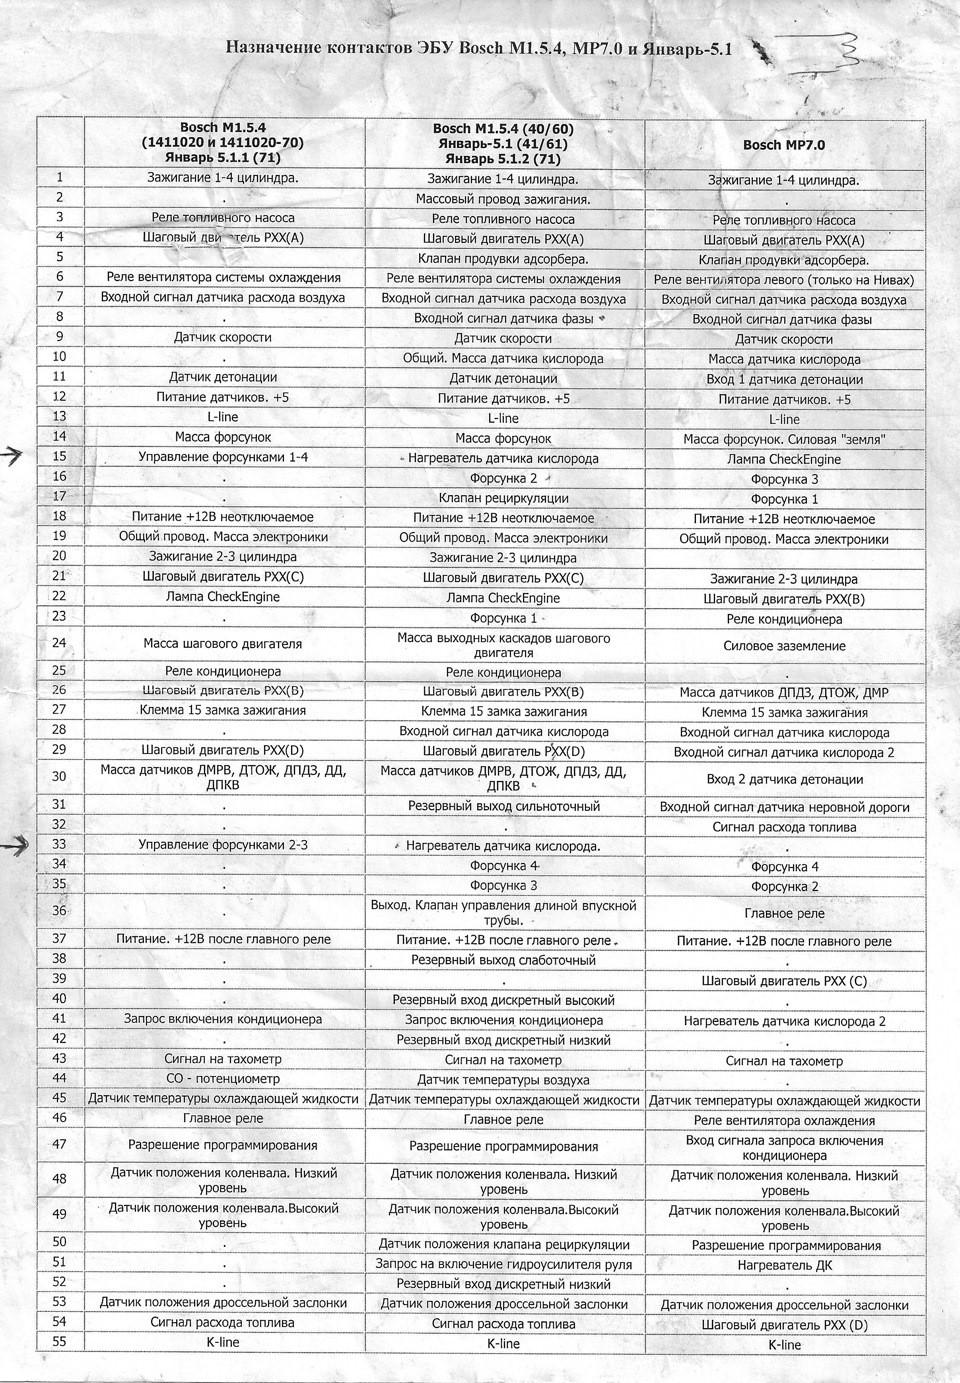 Схема подключения ЭБУ Январь 5.1